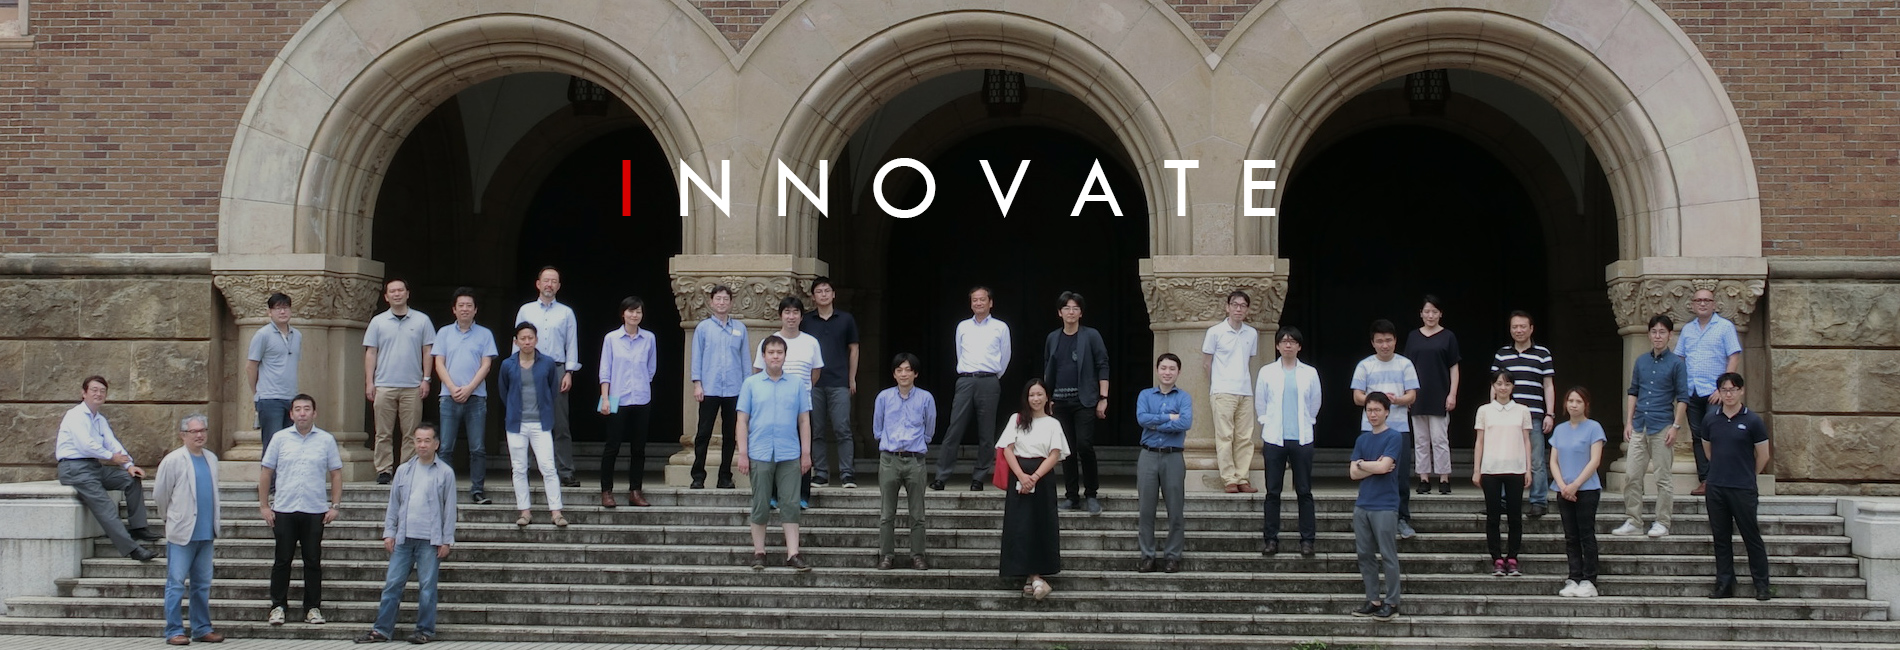 一橋大学イノベーション研究センター